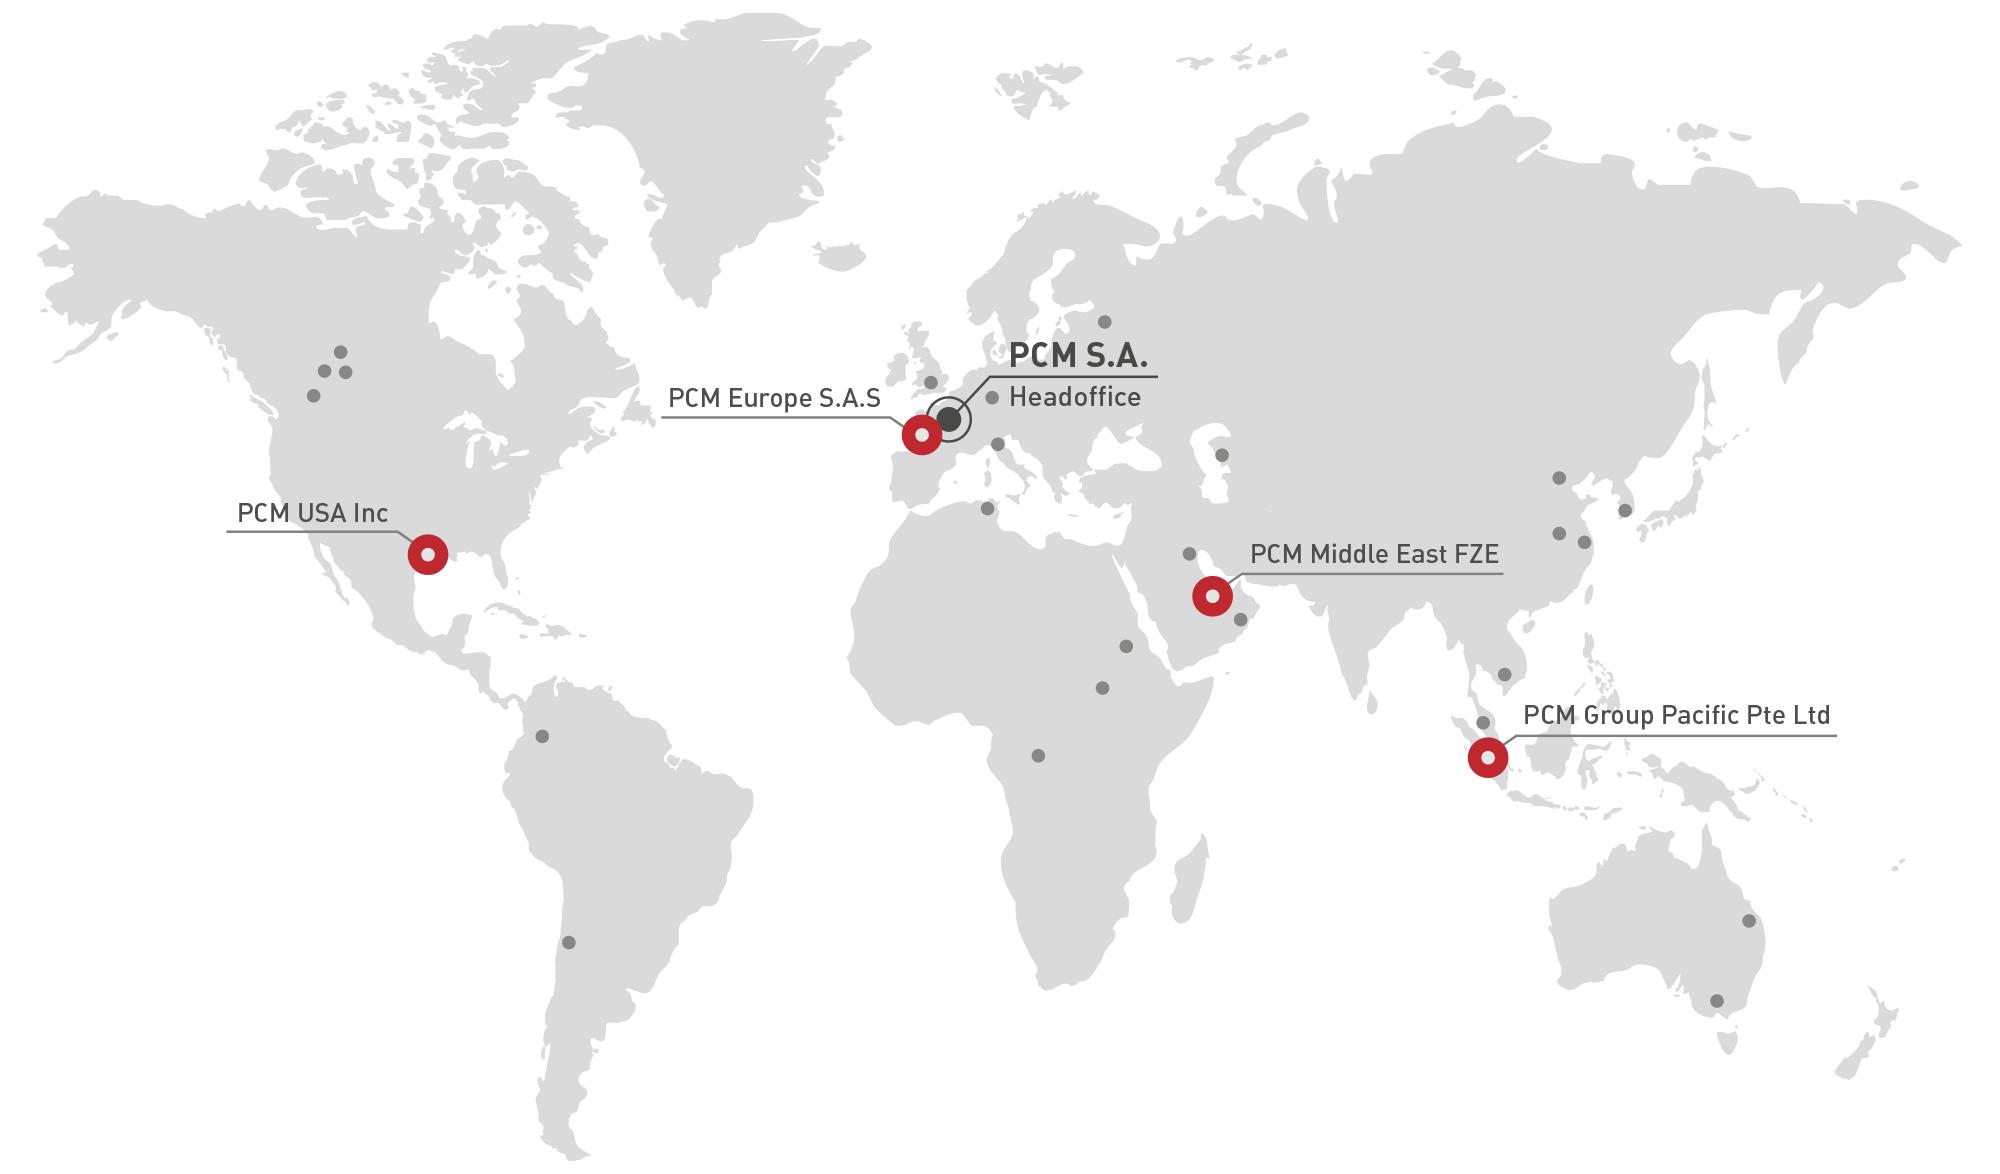 Contactos PCM en todo el mundo